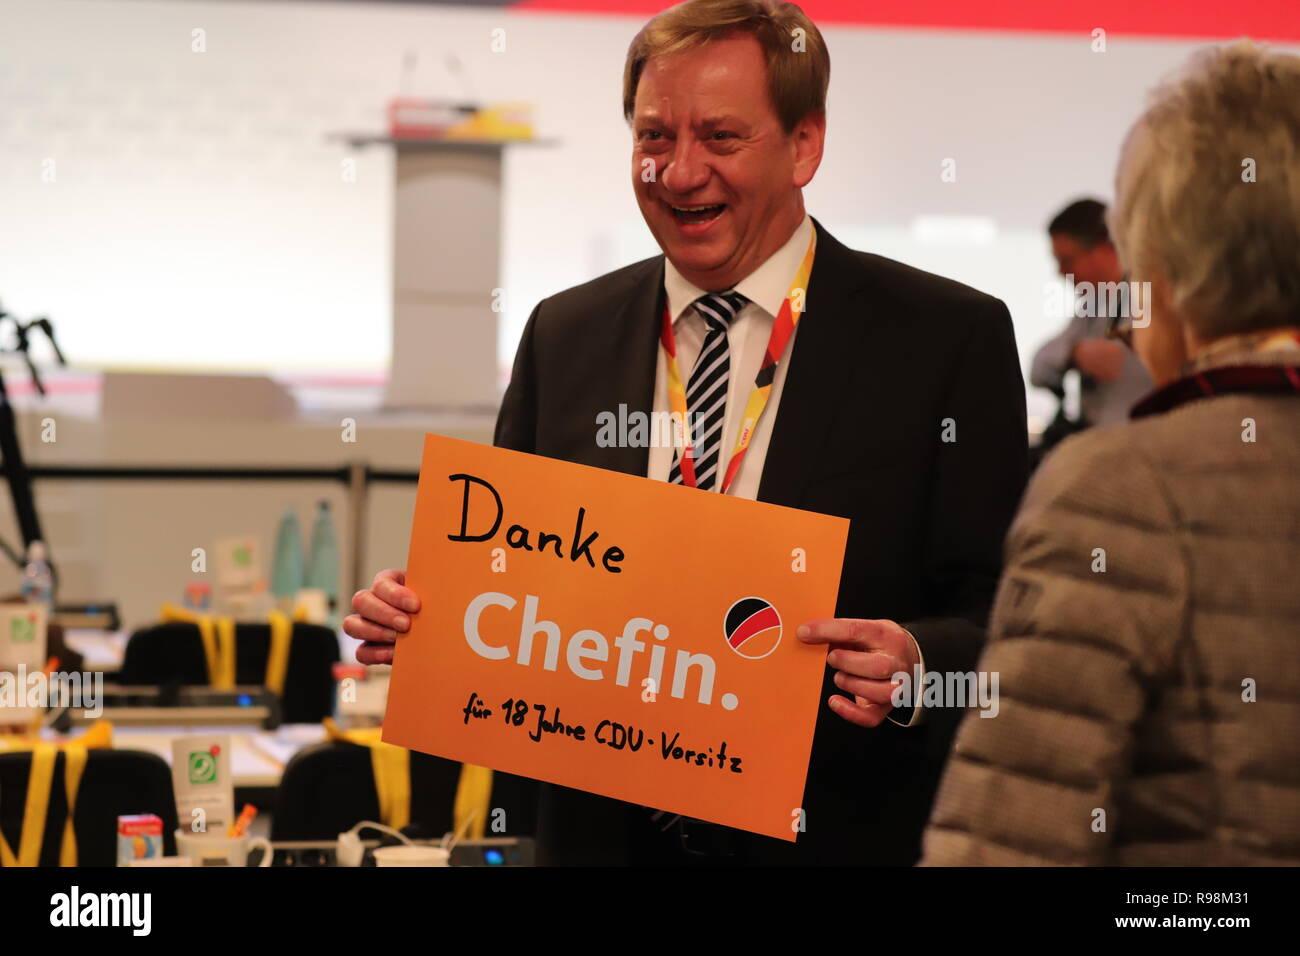 31. CDU-Bundesparteitag in Hamburg: Delegierter mit Dankesbekundung für Angela Merkel: Danke Chefin. - Stock Image